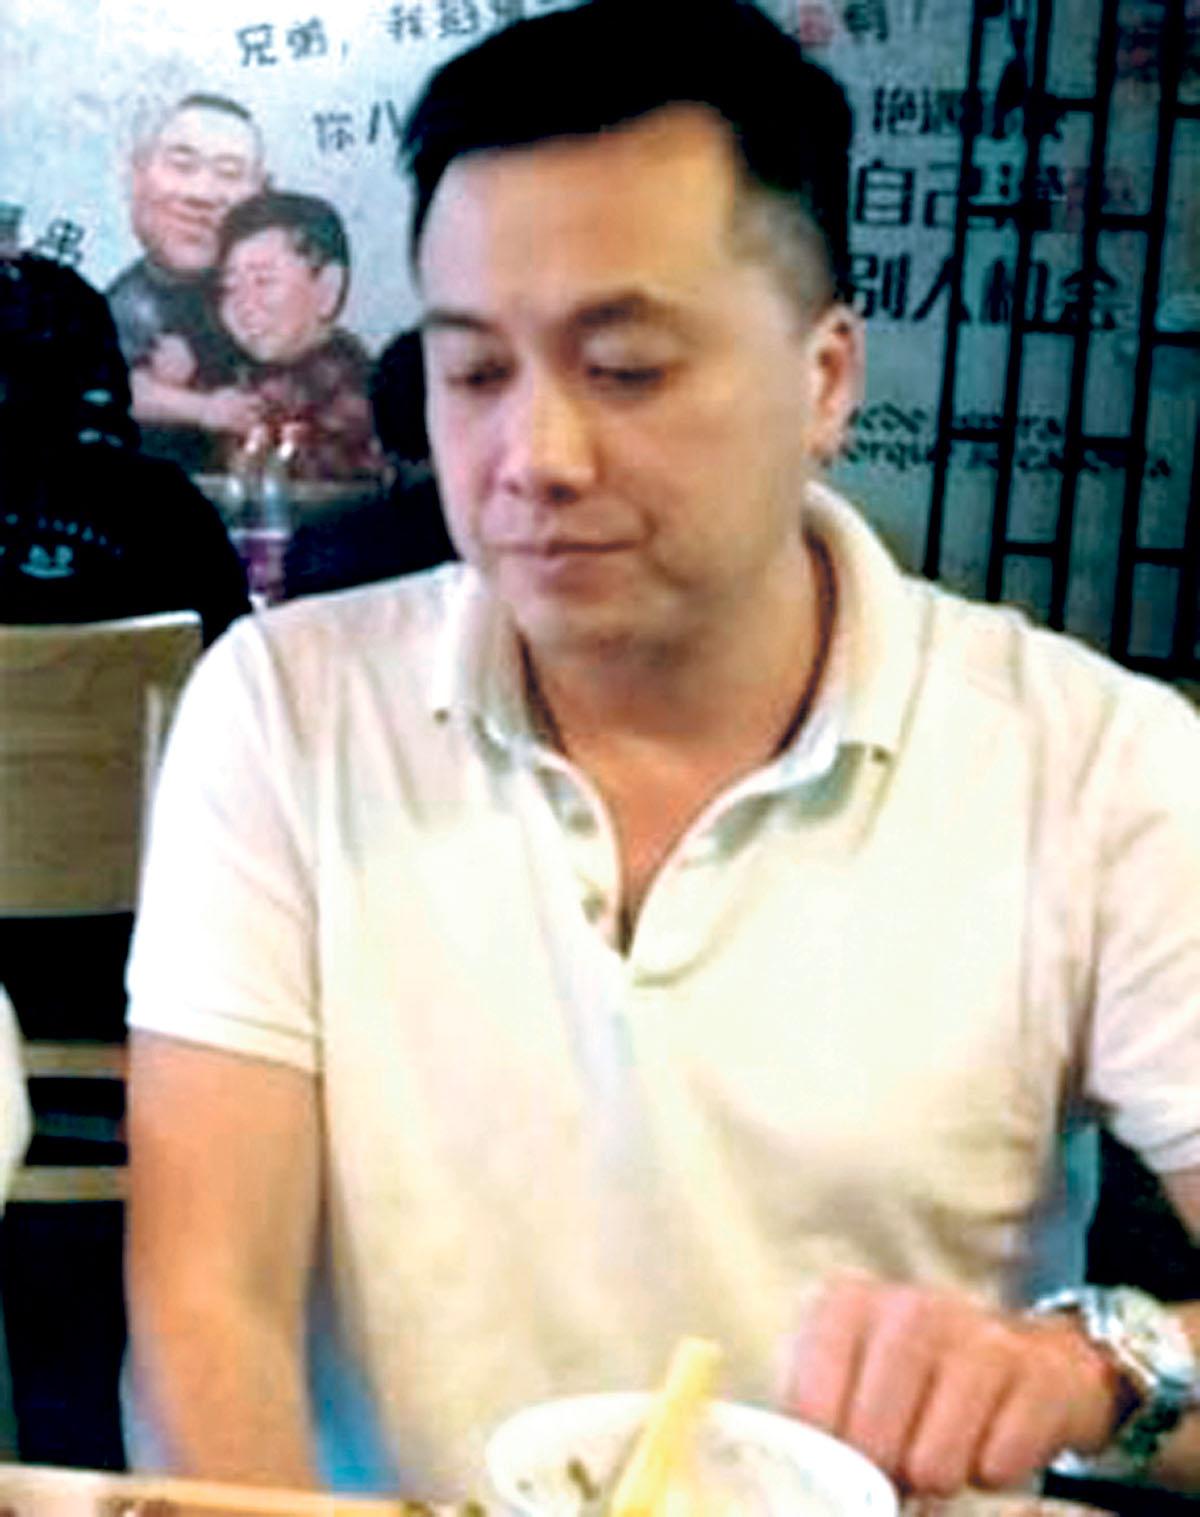 华裔男子赵印发(Richard Yen Fat Chiu,译音)